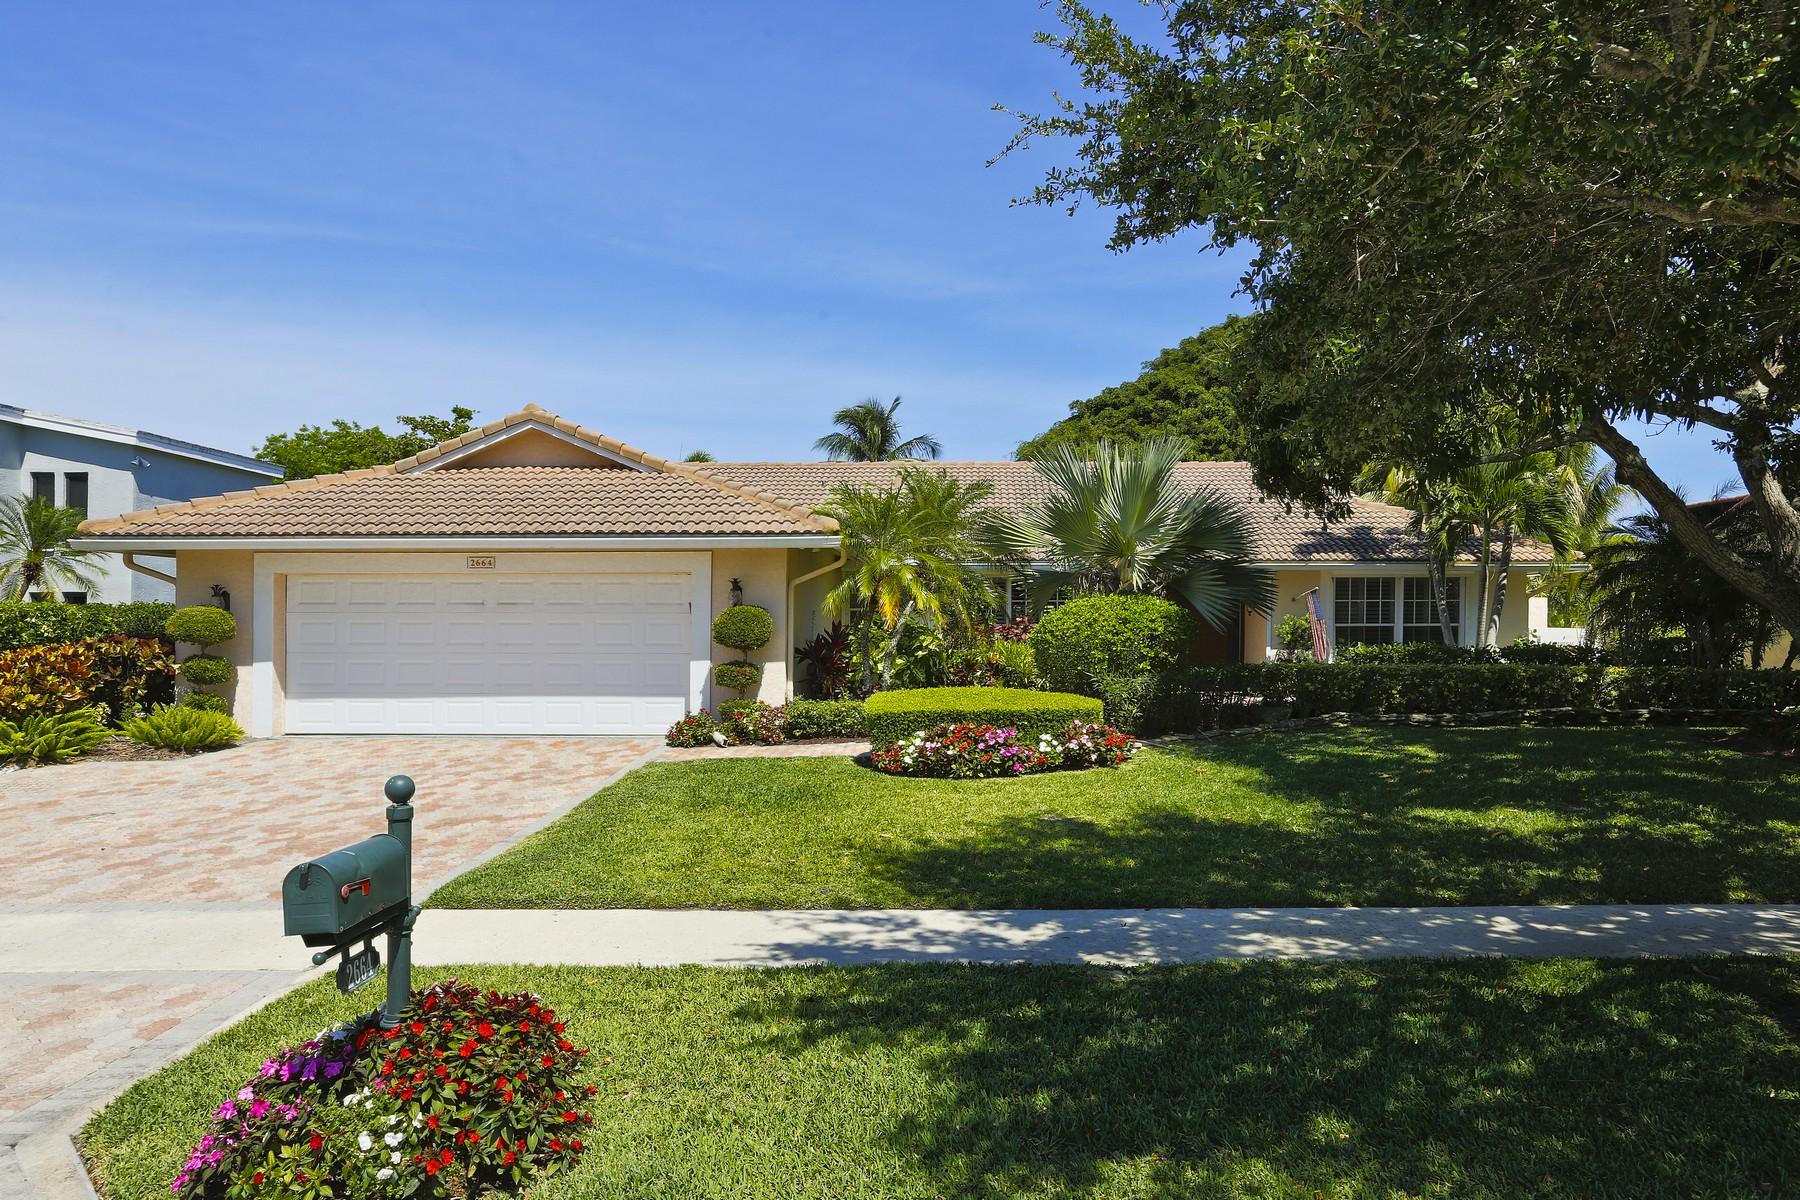 獨棟家庭住宅 為 出售 在 2664 NW 23rd Way , Boca Raton, FL 33431 Boca Raton, 佛羅里達州 33431 美國